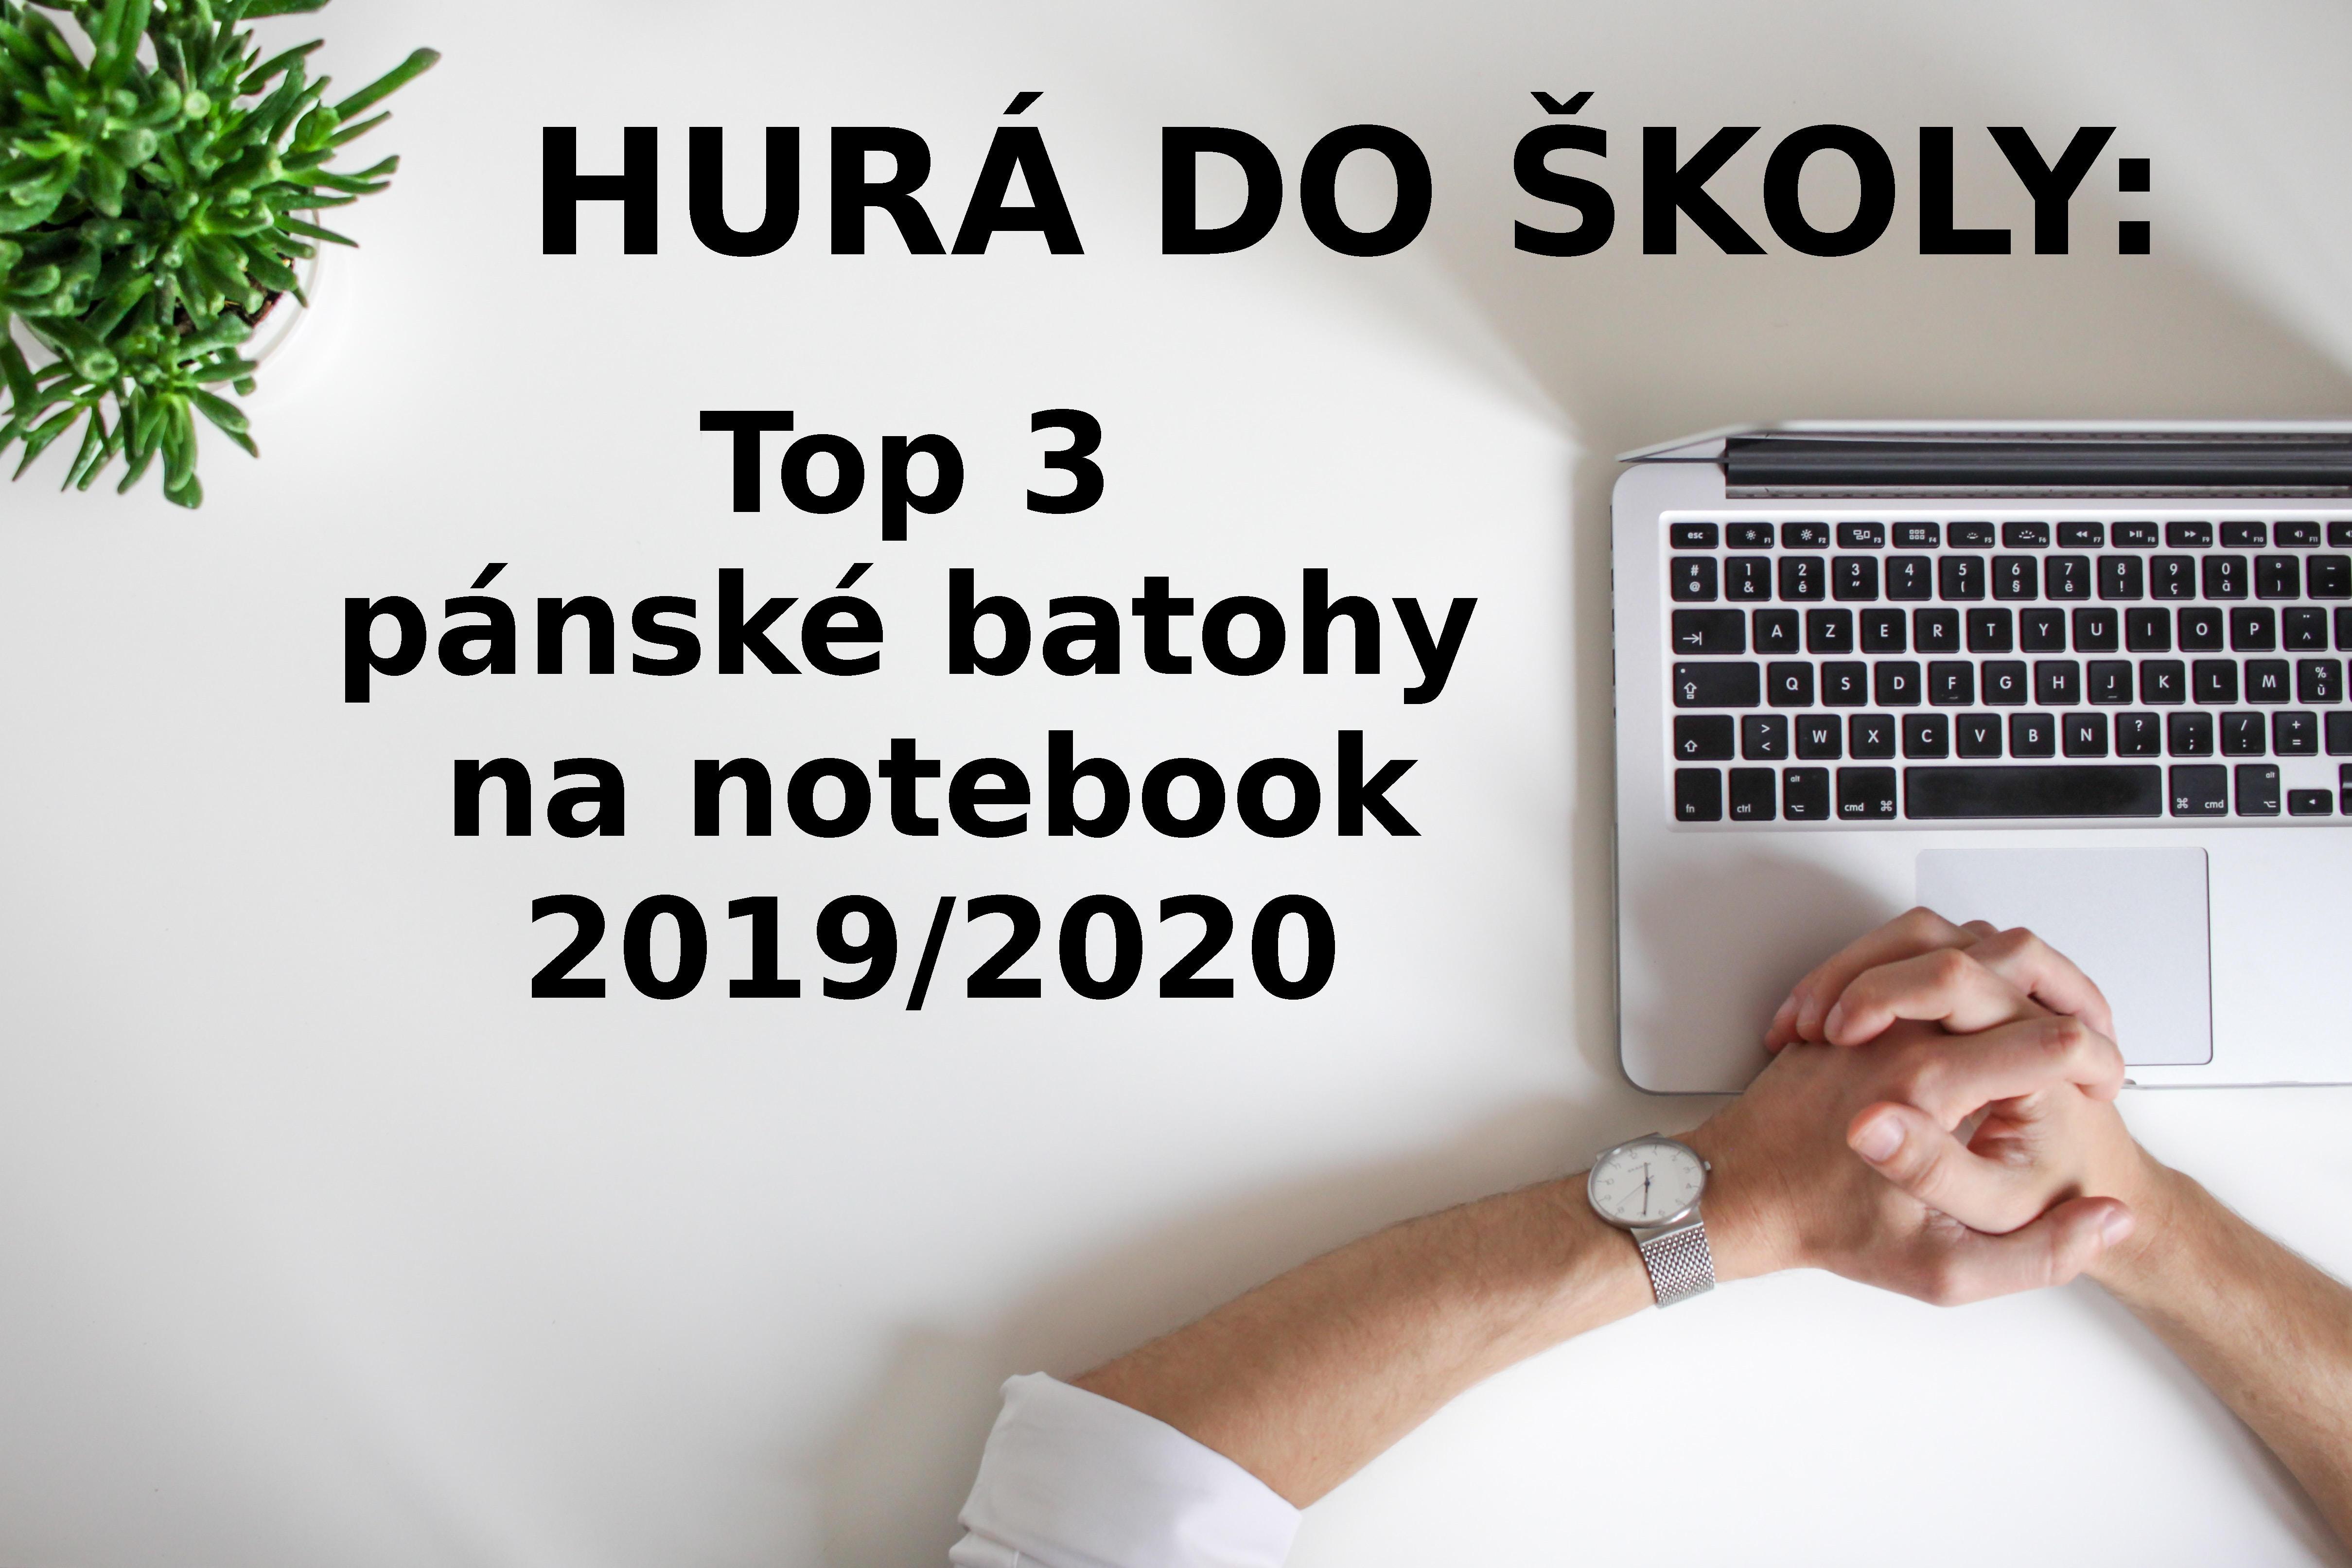 HURÁ DO ŠKOLY: Top 3 pánské batohy na notebook